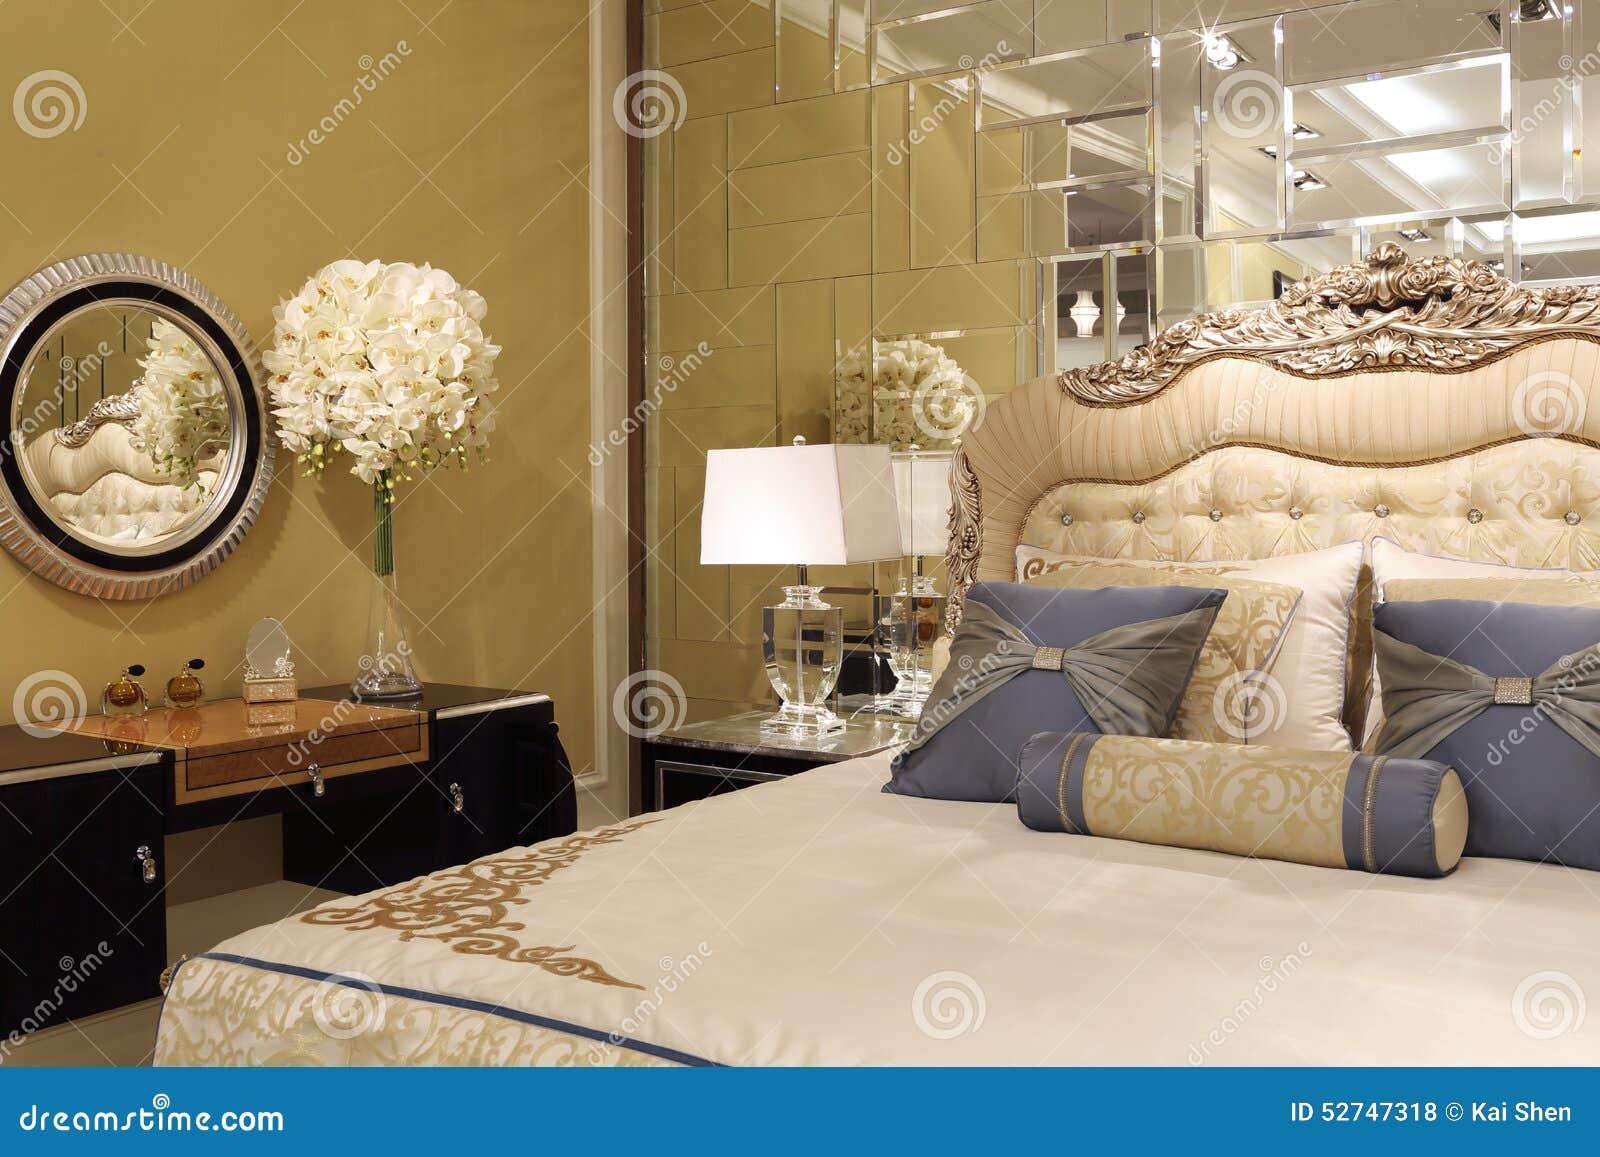 Die spiegelwand im schlafzimmer stockfoto bild von for Spiegelwand schlafzimmer